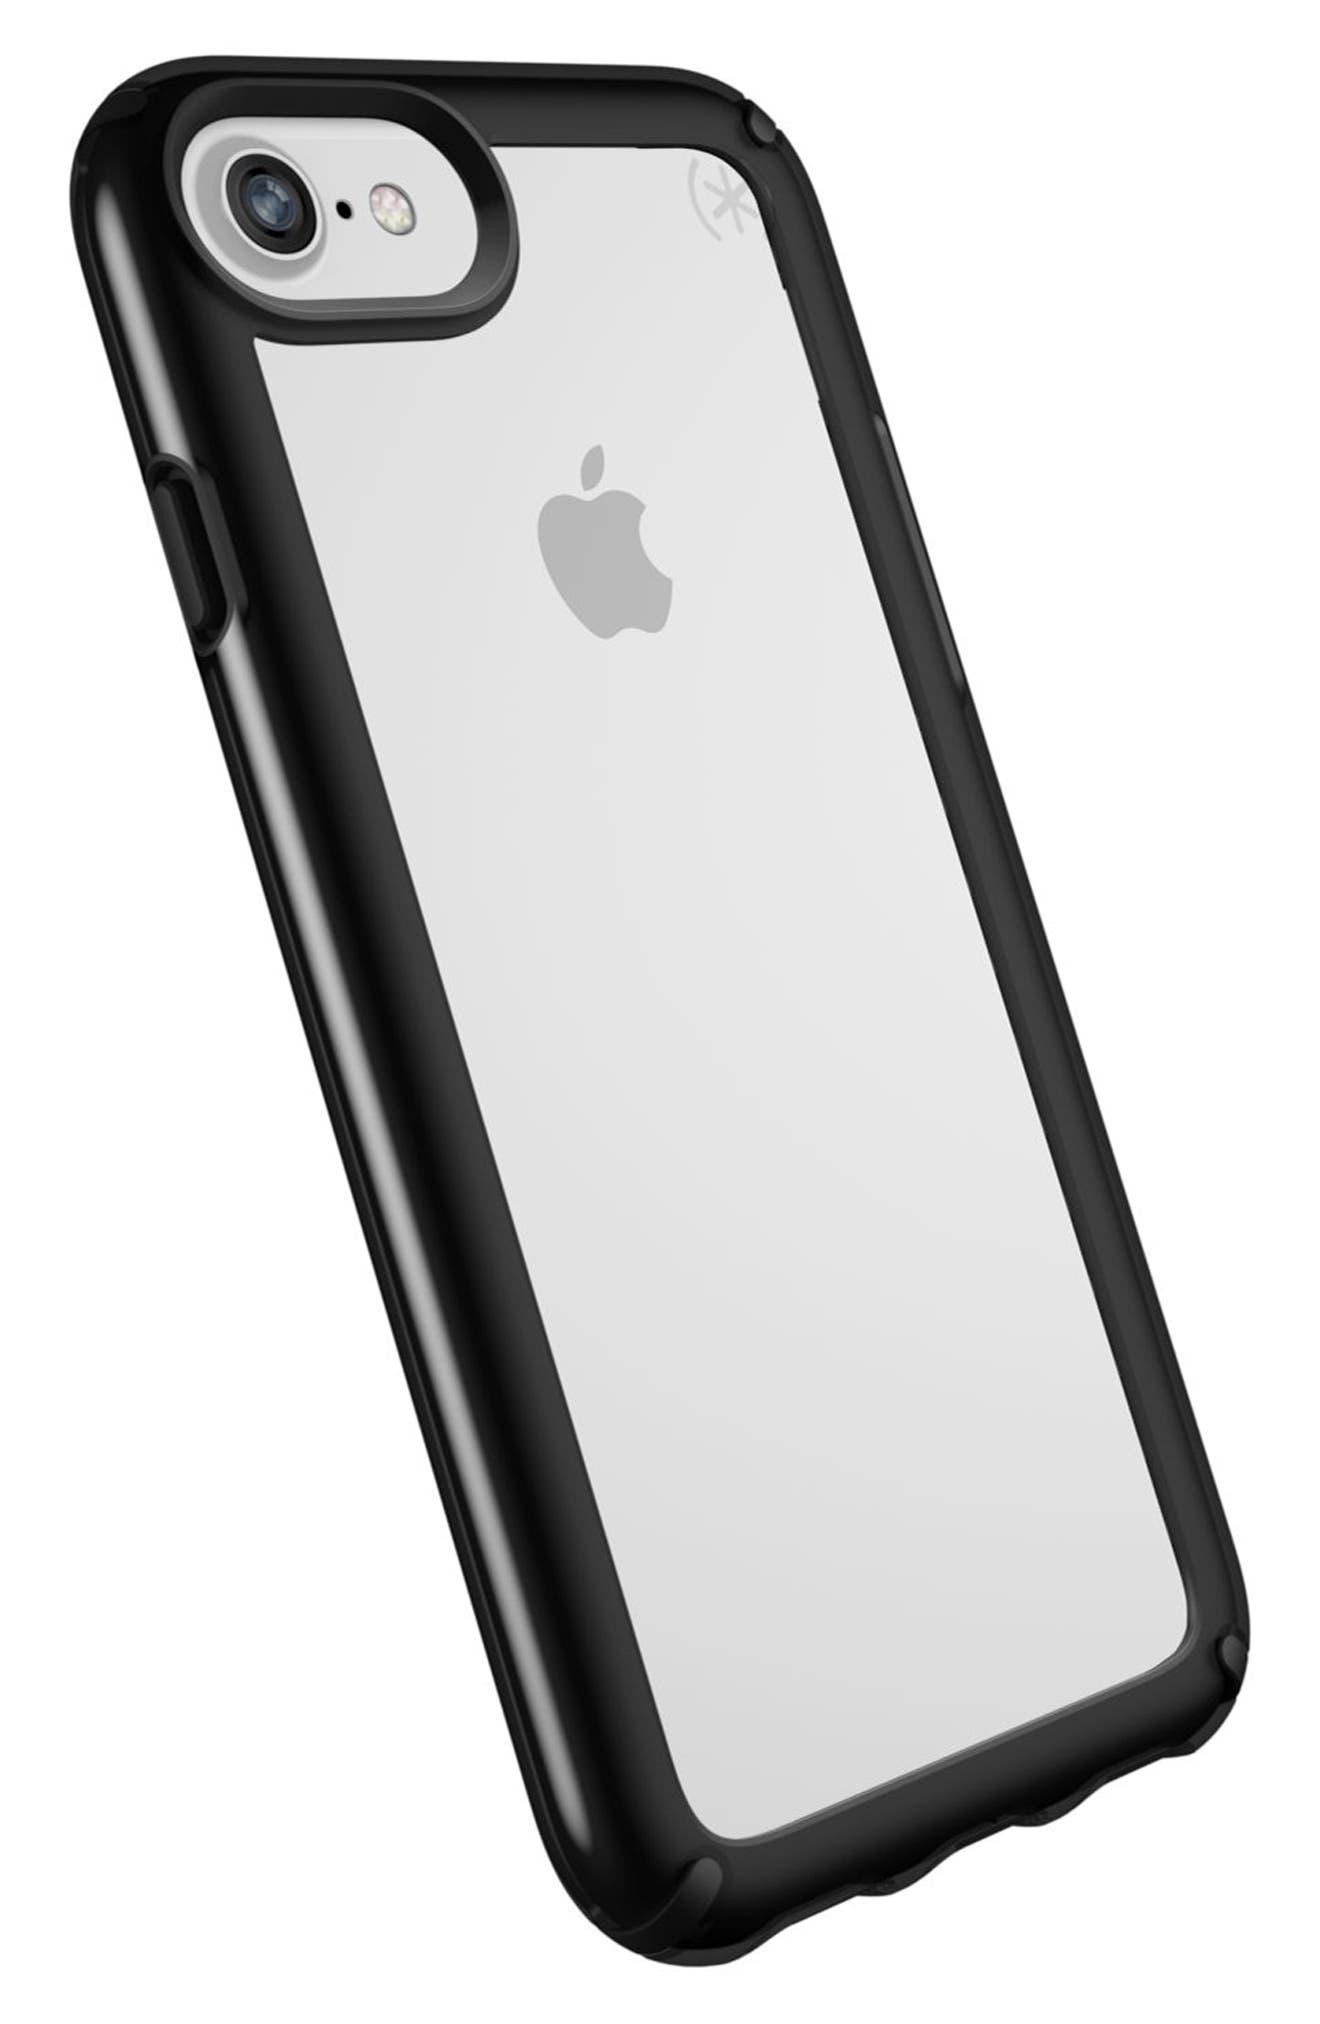 Transparent iPhone 6/6s/7/8 Case,                             Alternate thumbnail 8, color,                             Clear/ Black